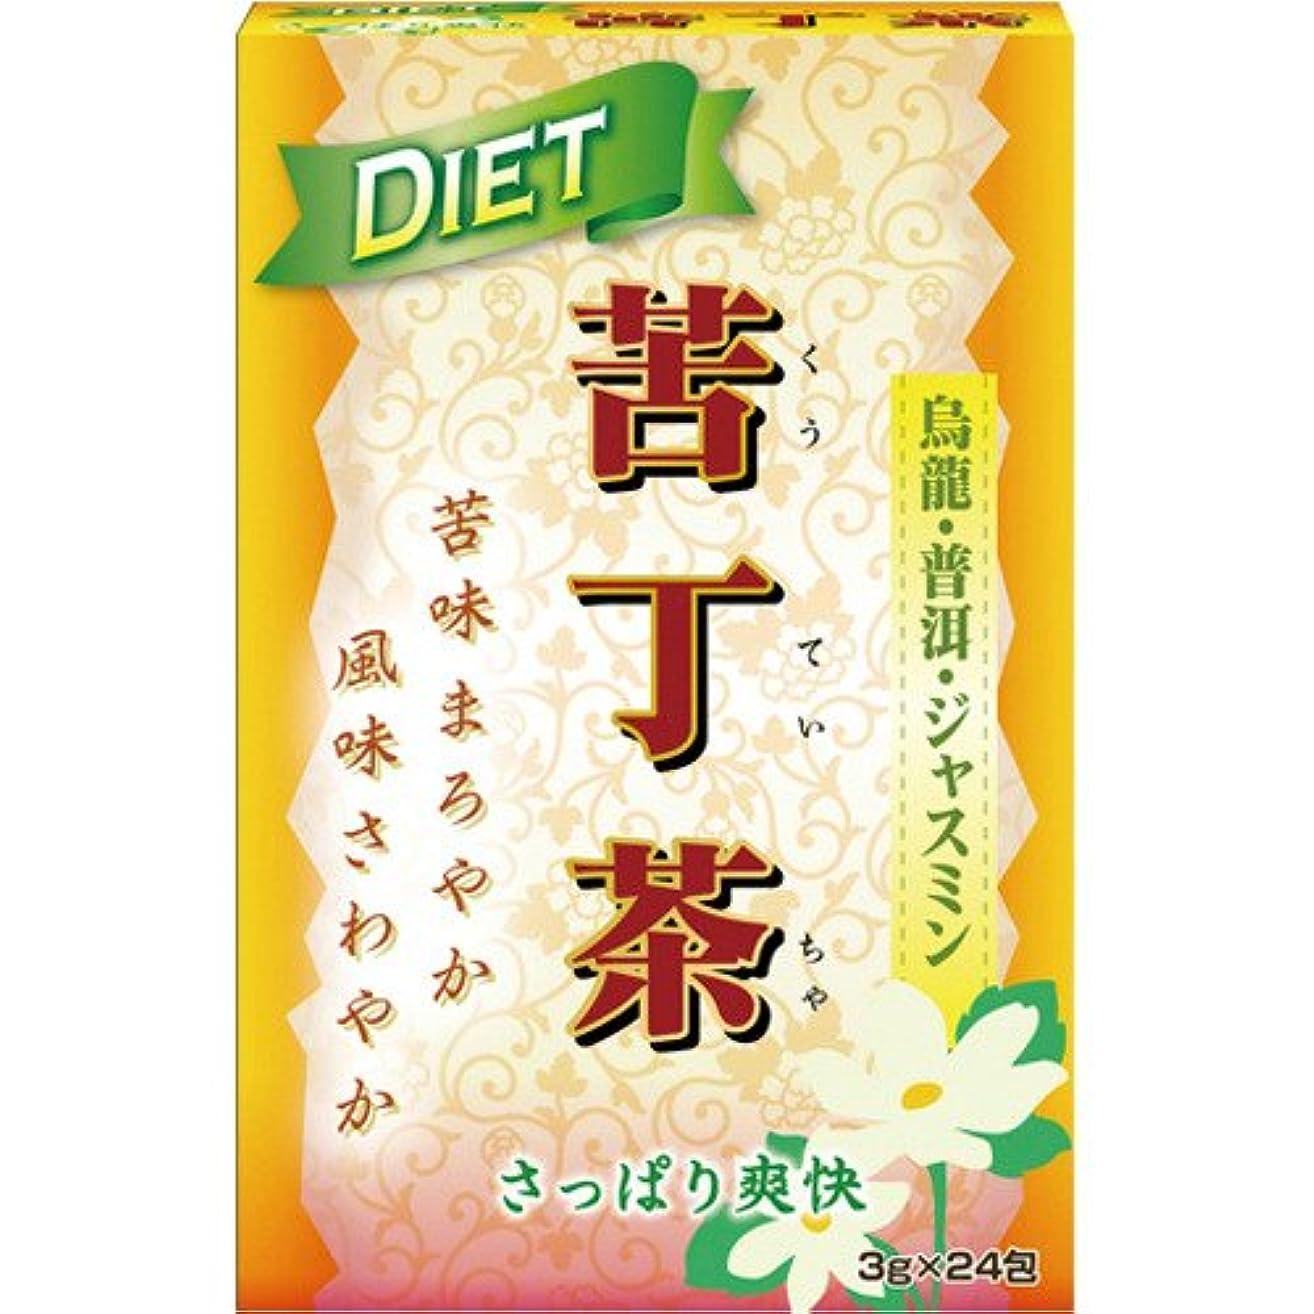 にぎやかギャンブル四分円ダイエット苦丁茶 3g×24包